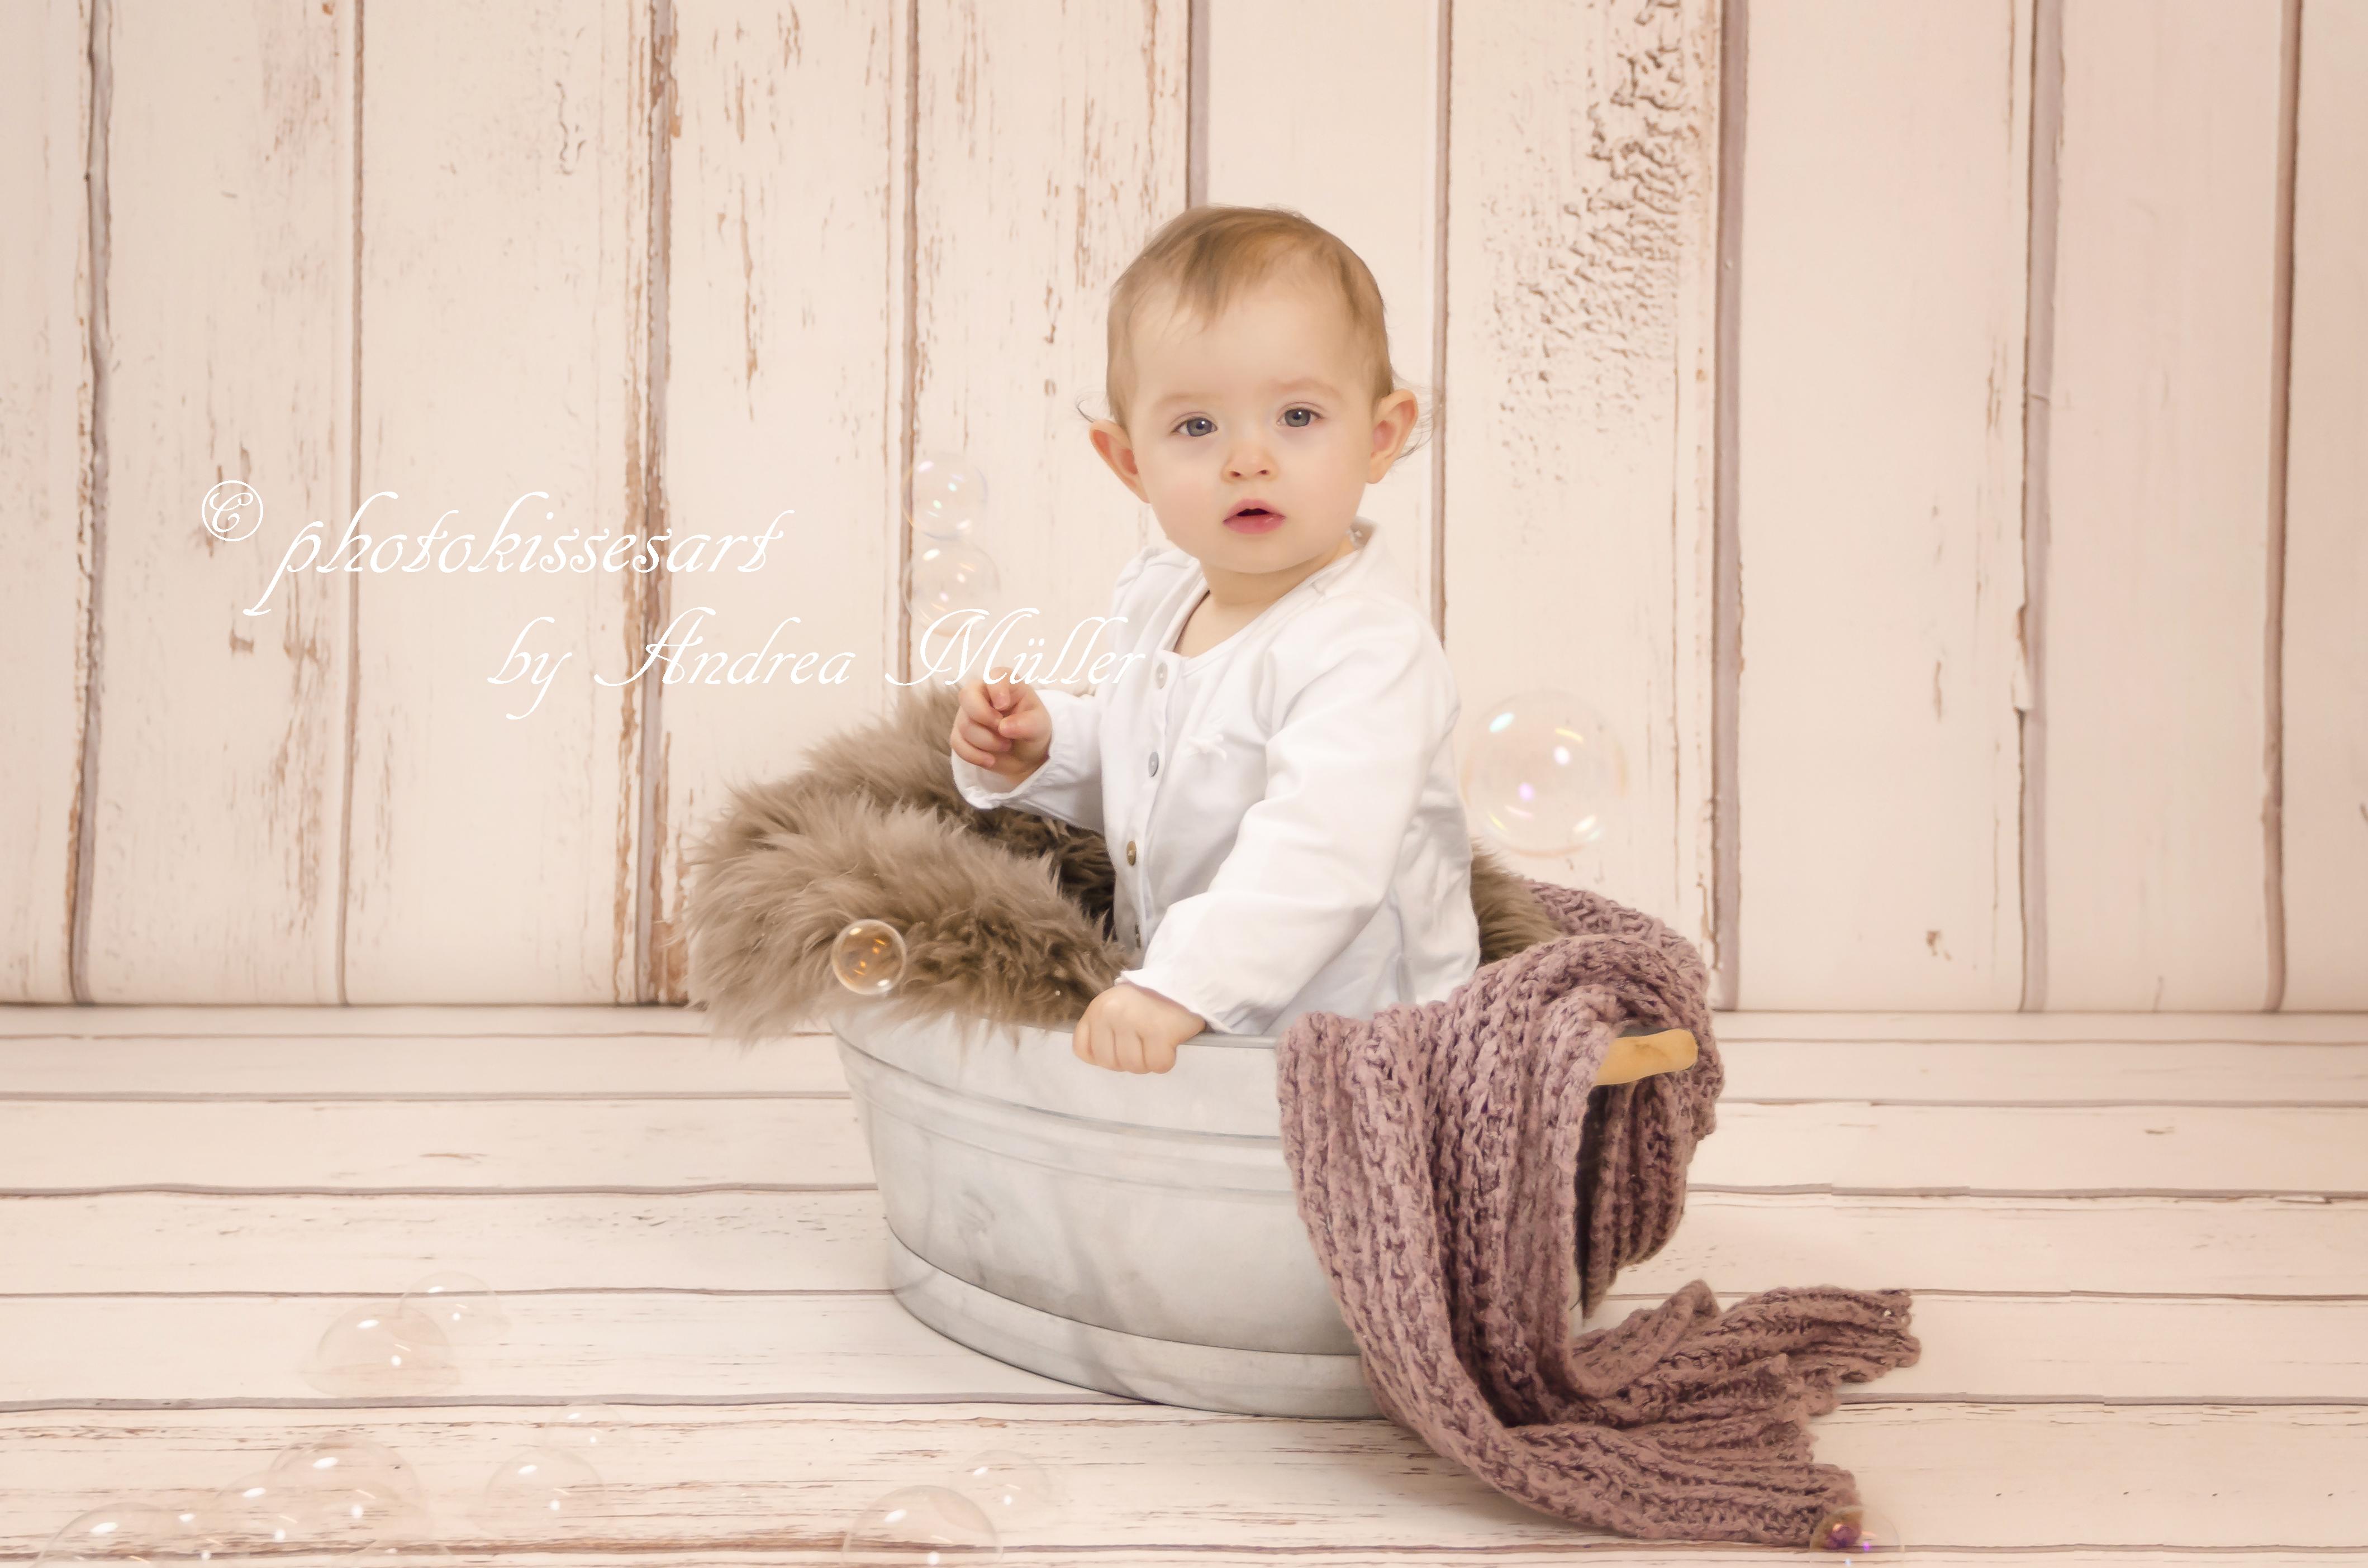 Babyfotos Langenfeld photokissesart Mueller (75).jpg